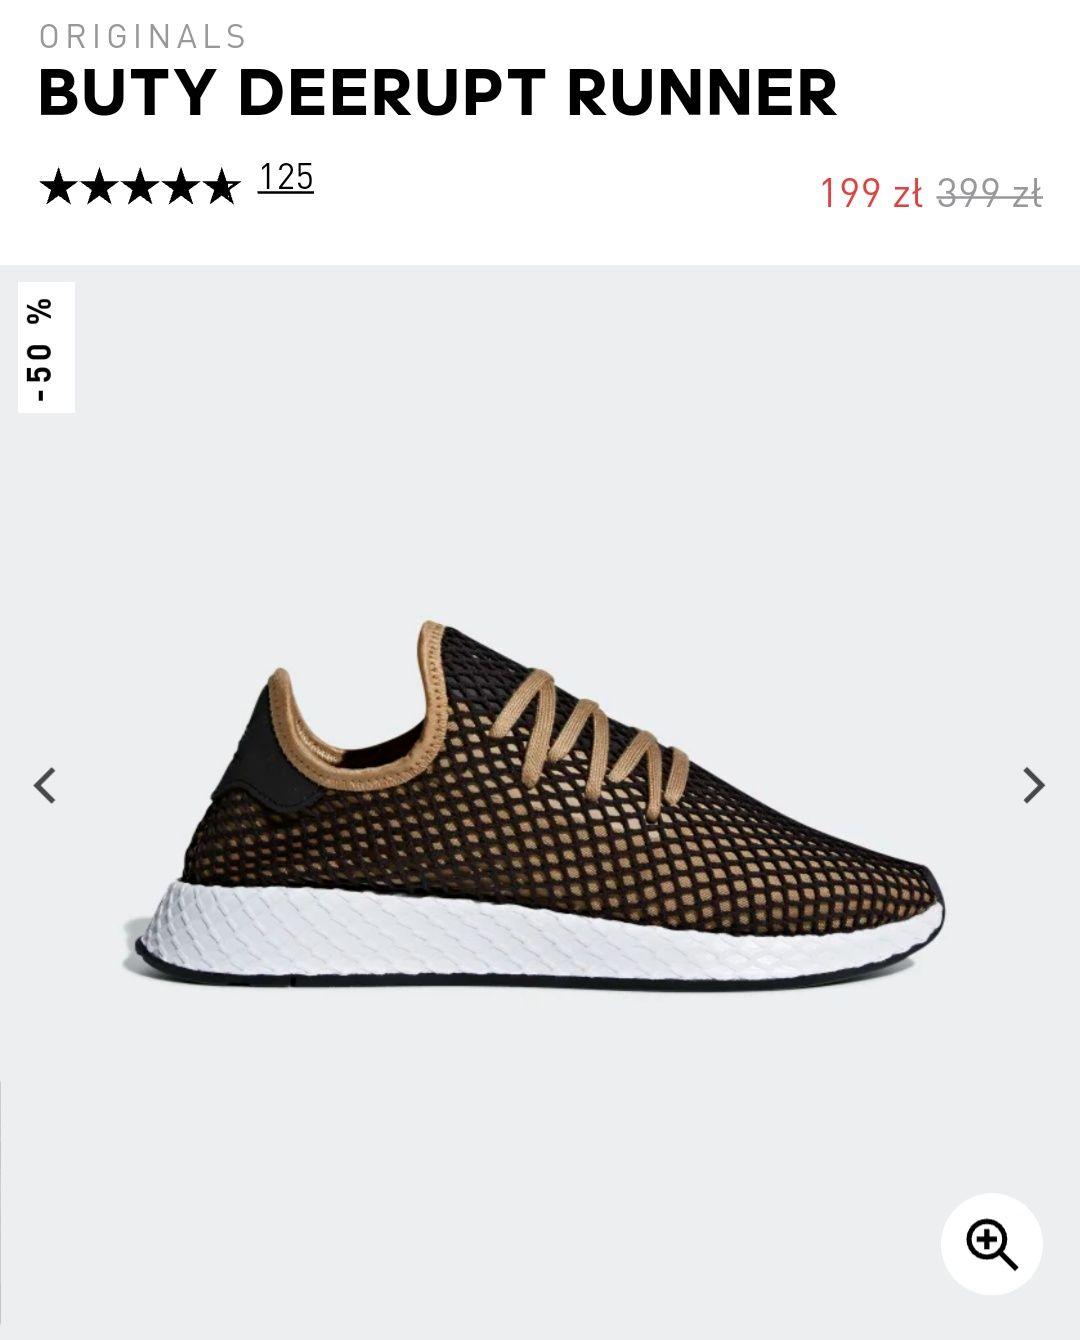 Adidas Derupt!